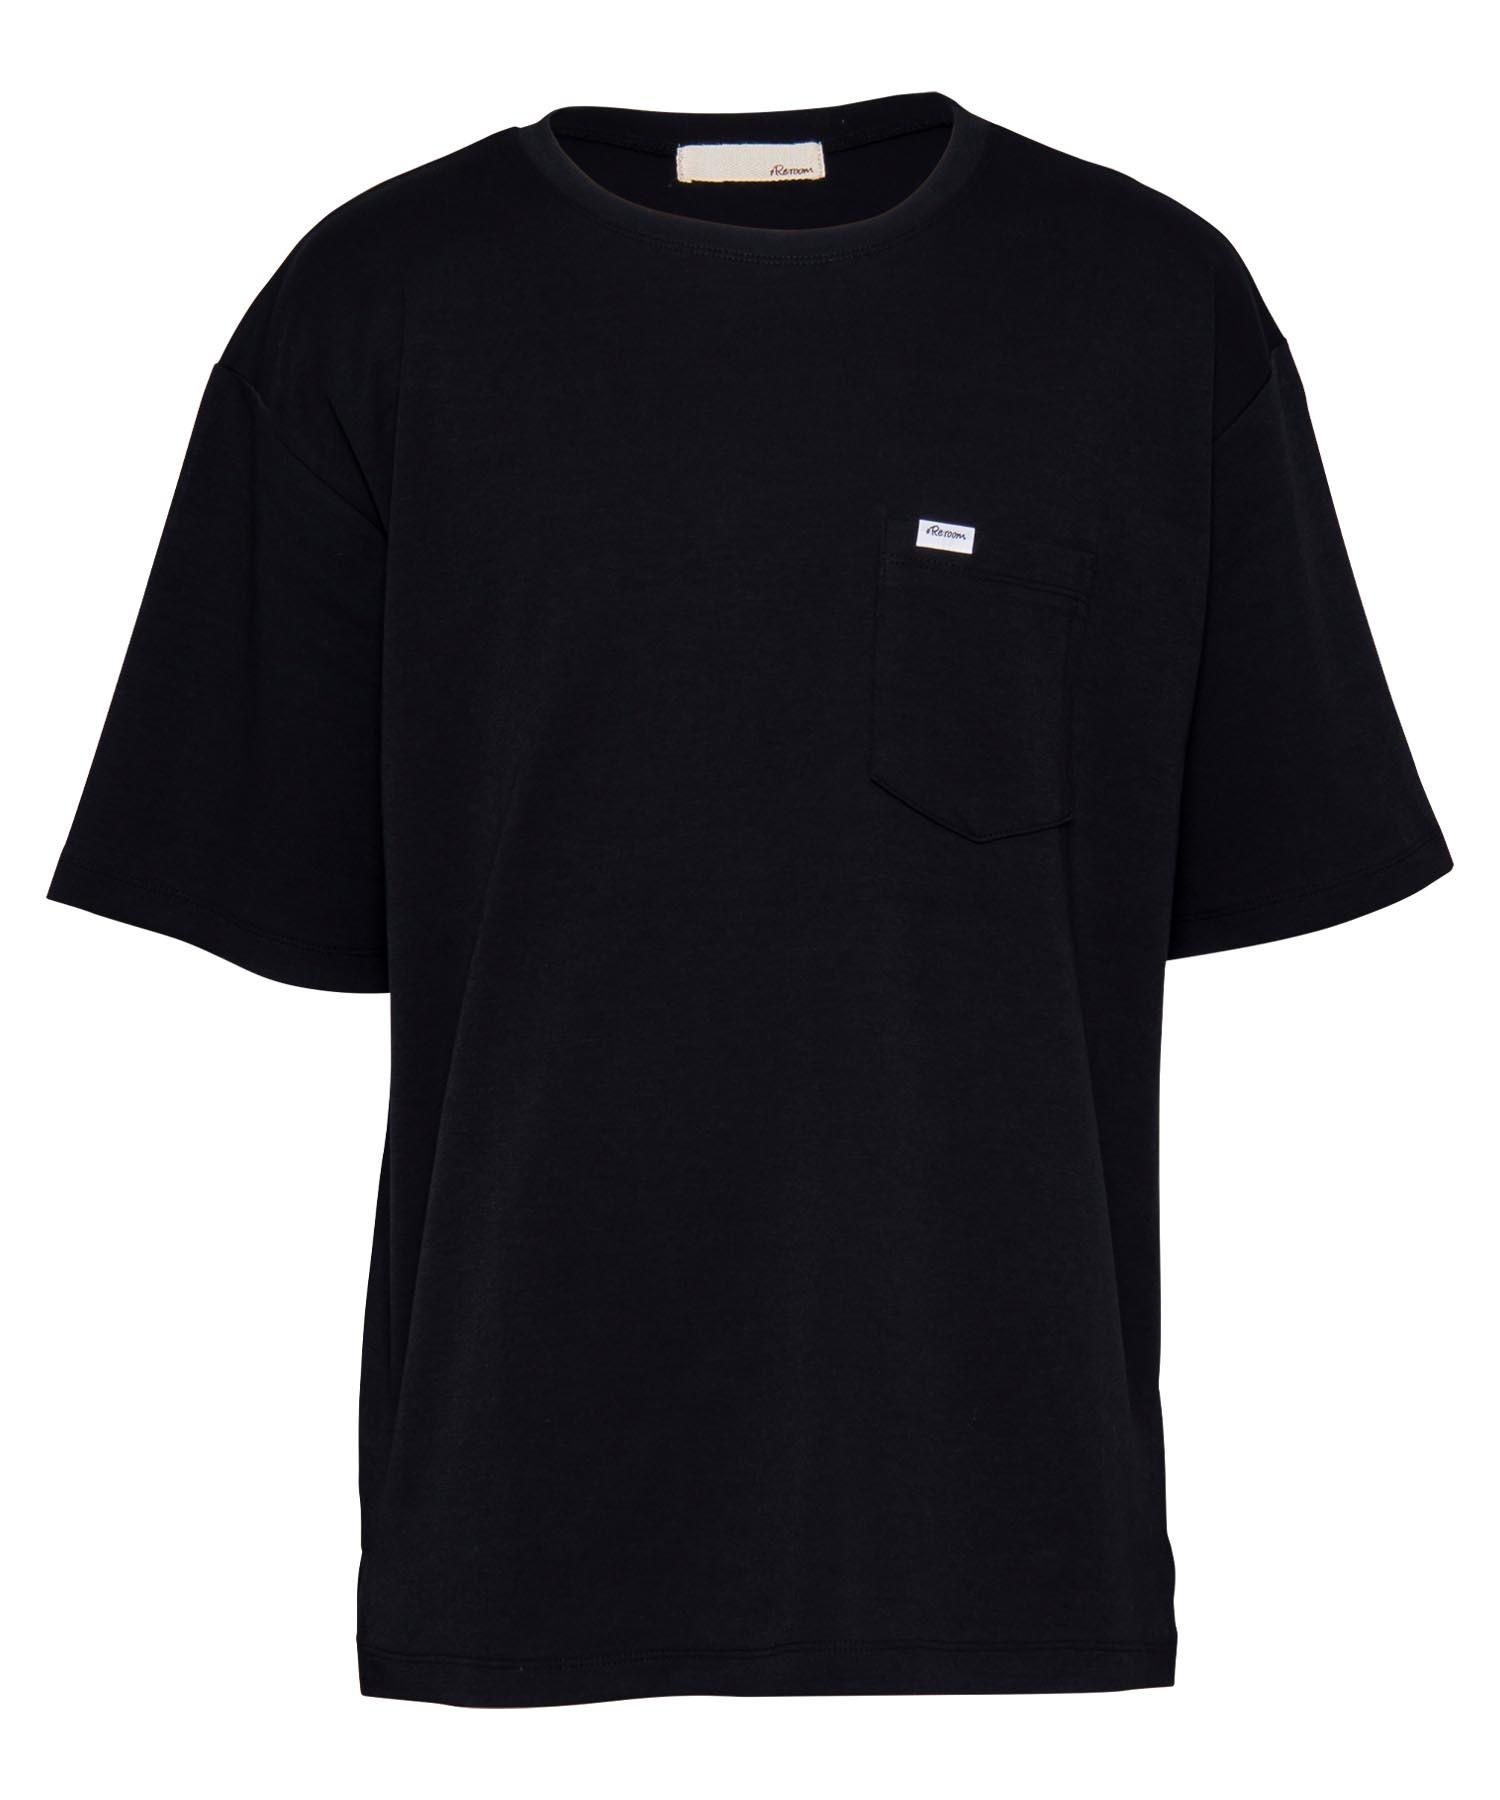 POCKET BIG T-shirt[REC312]